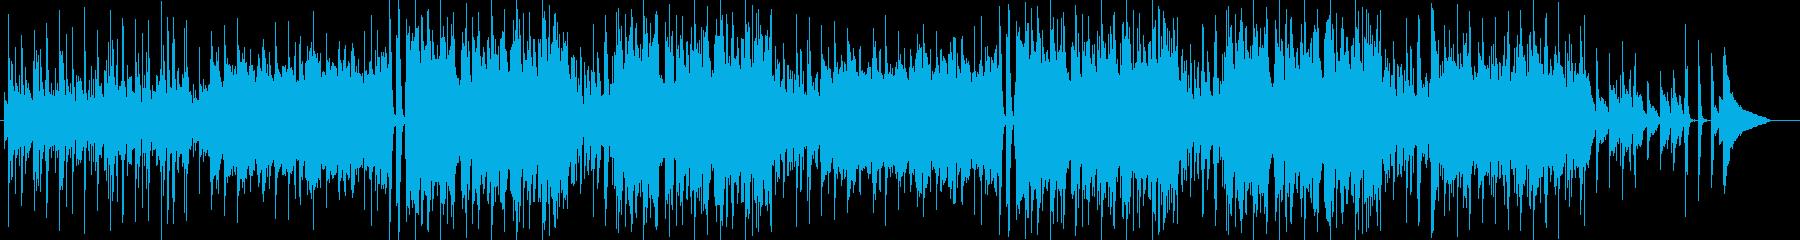 ほのぼのとしたかわいいBGMの再生済みの波形